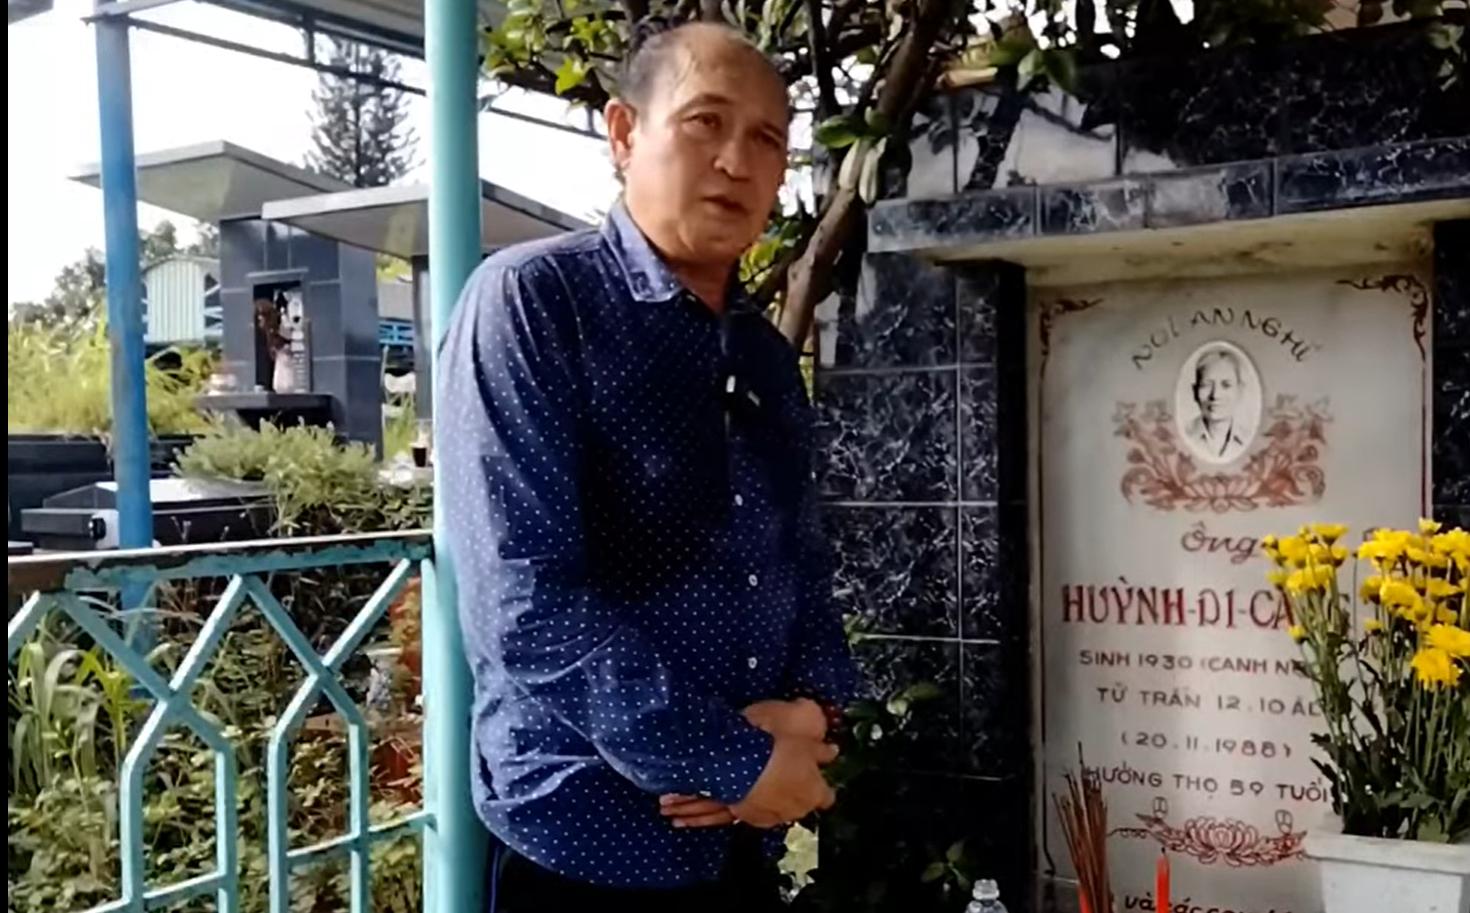 Nghệ sĩ Duy Phương khó khăn, kêu gọi khán giả chuyển tiền, hỗ trợ mình